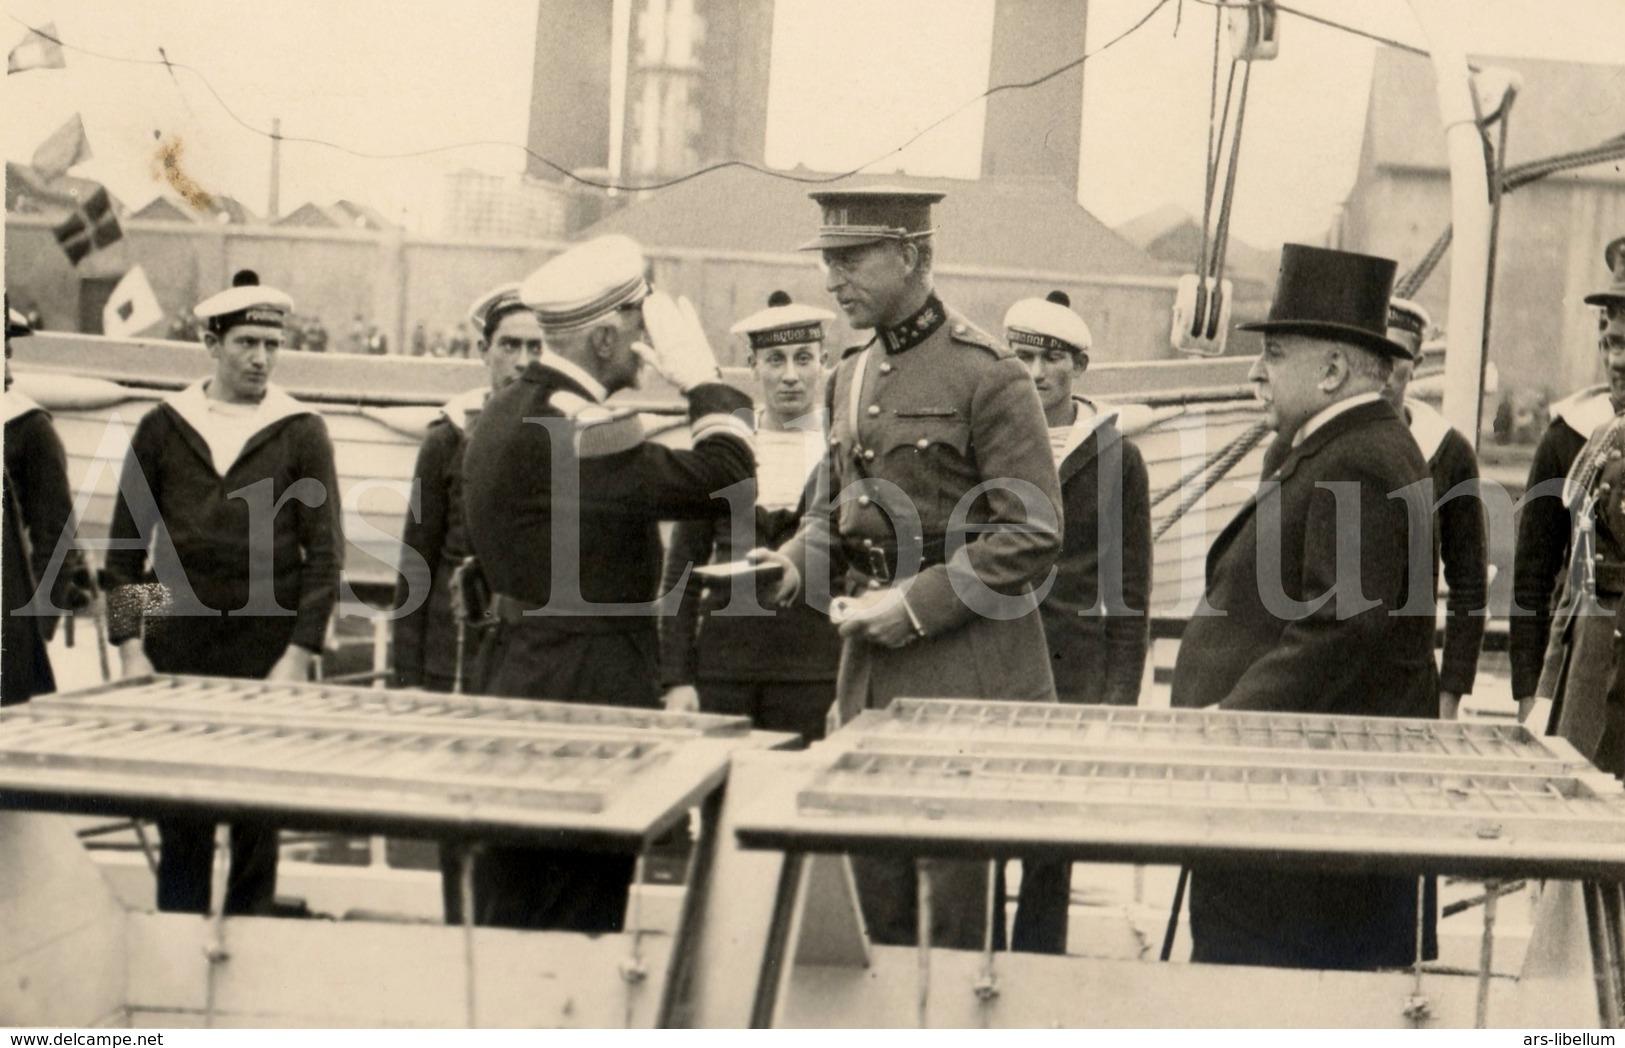 Postcard / ROYALTY / Belgique / Roi Albert I / Koning Albert I / L'explorateur Jean-Baptiste Charcot / 1926 - Autres Célébrités